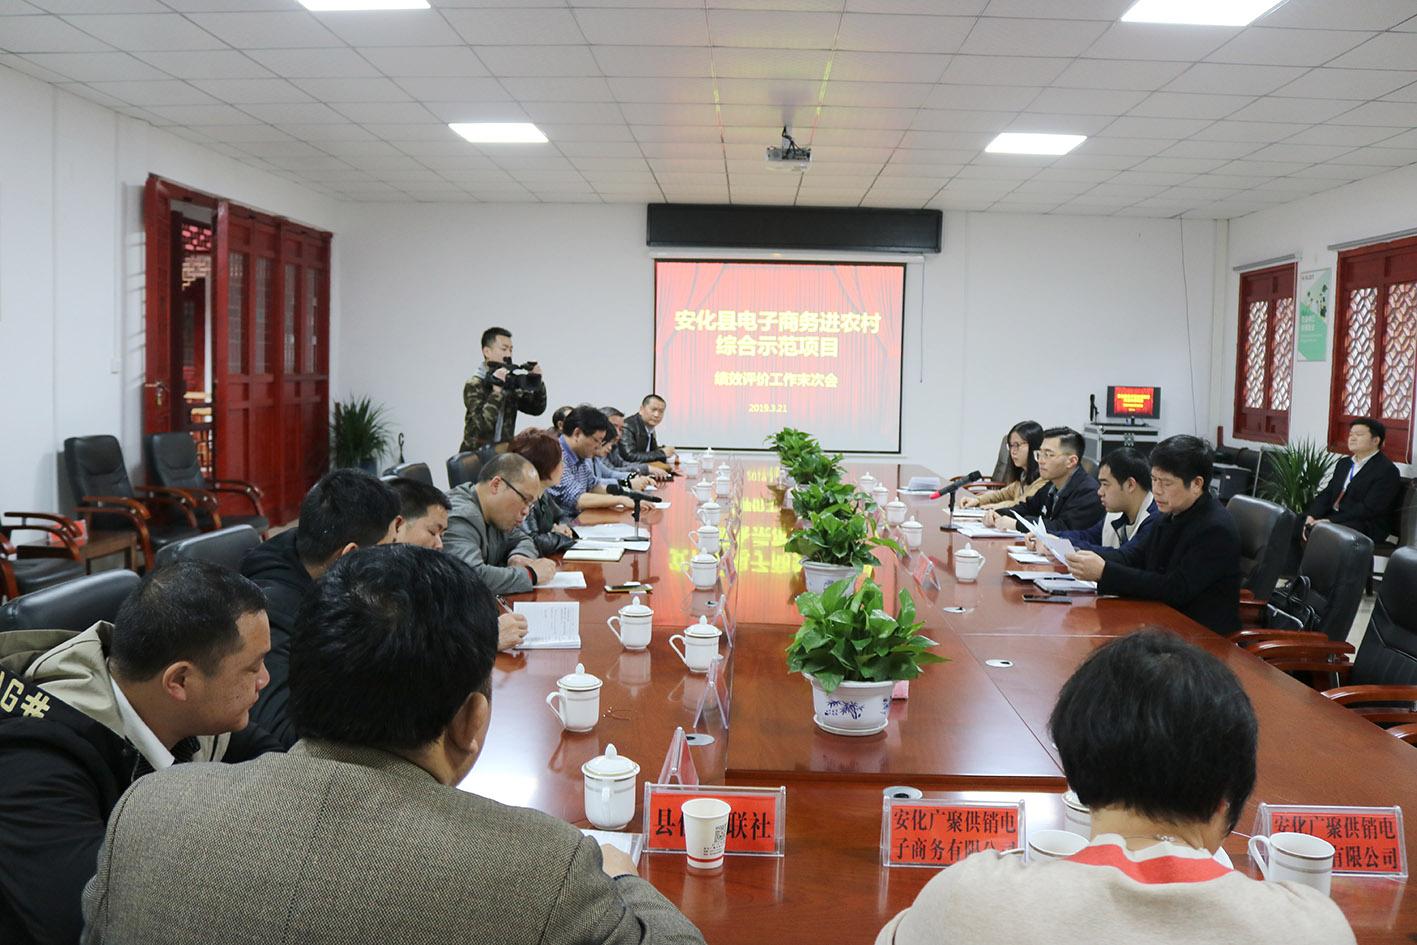 安化县电子商务进农村综合示范项目绩效评价结束